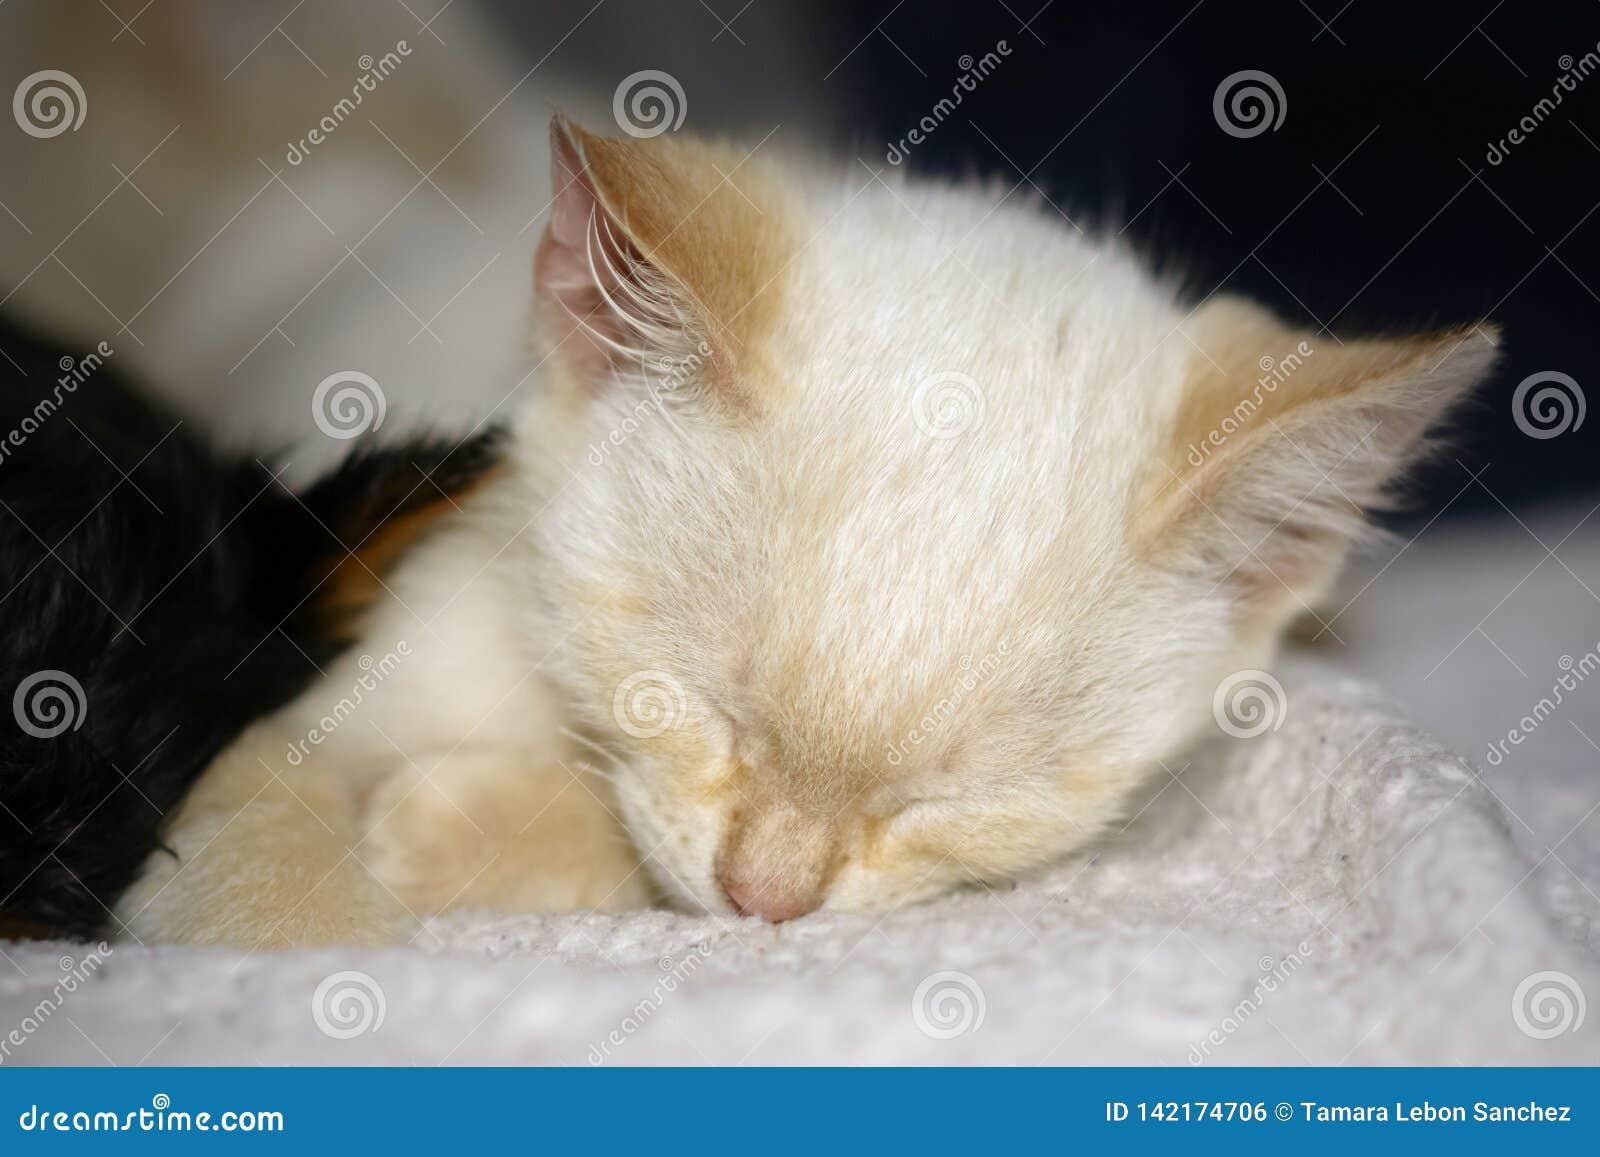 Portrait of a cute asleep kitten